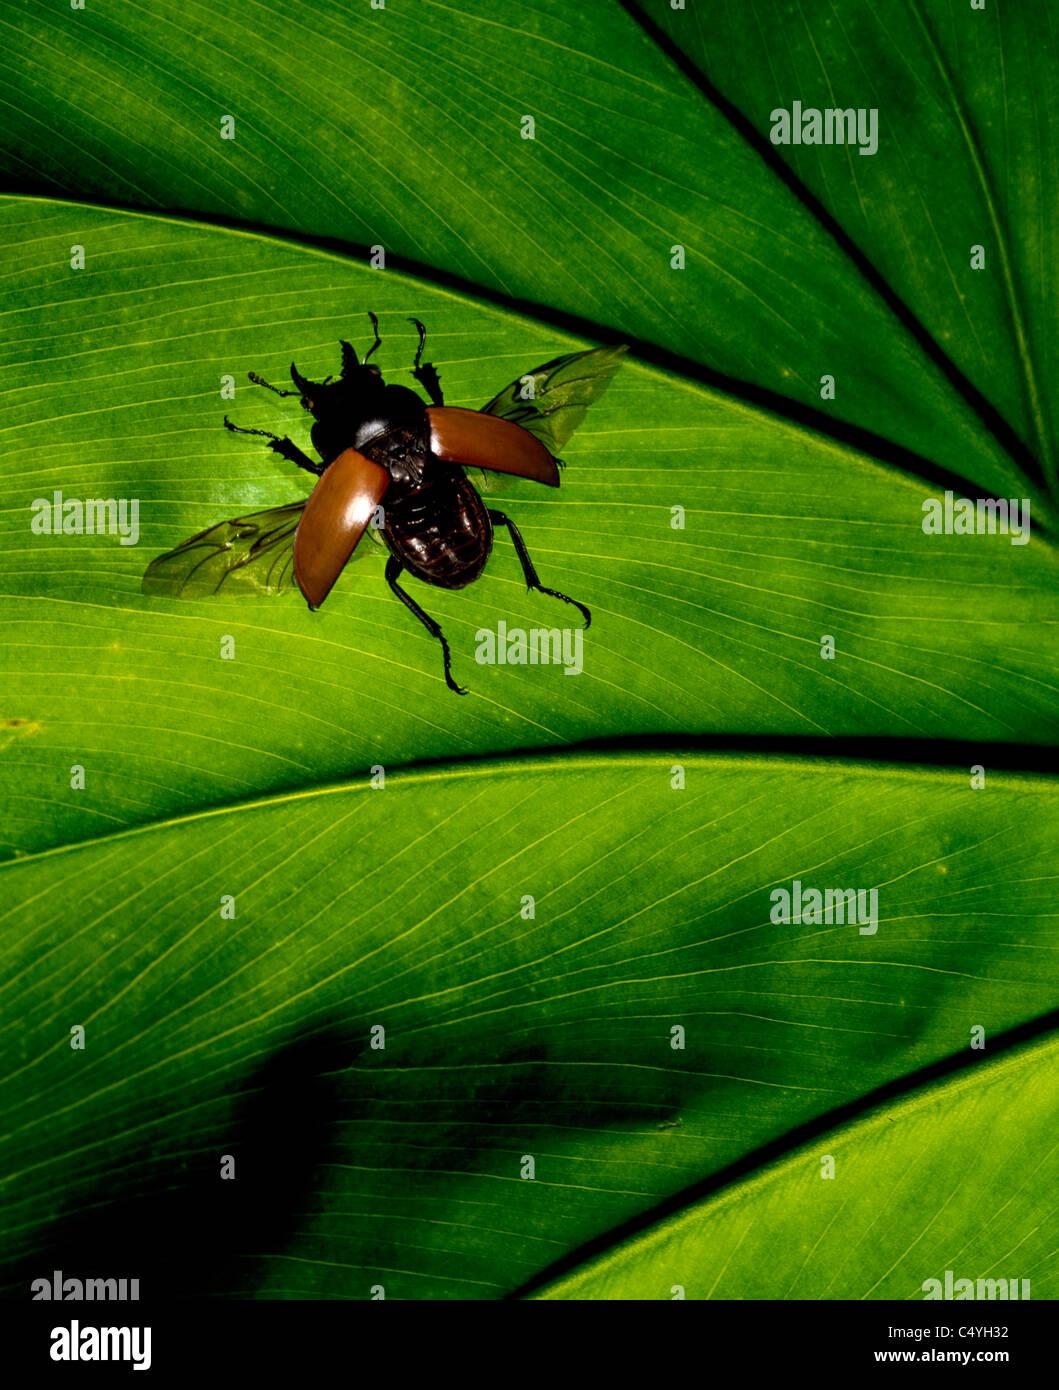 Eine tropische Käfer Bug auf einem hellen grünen Blatt Stockbild